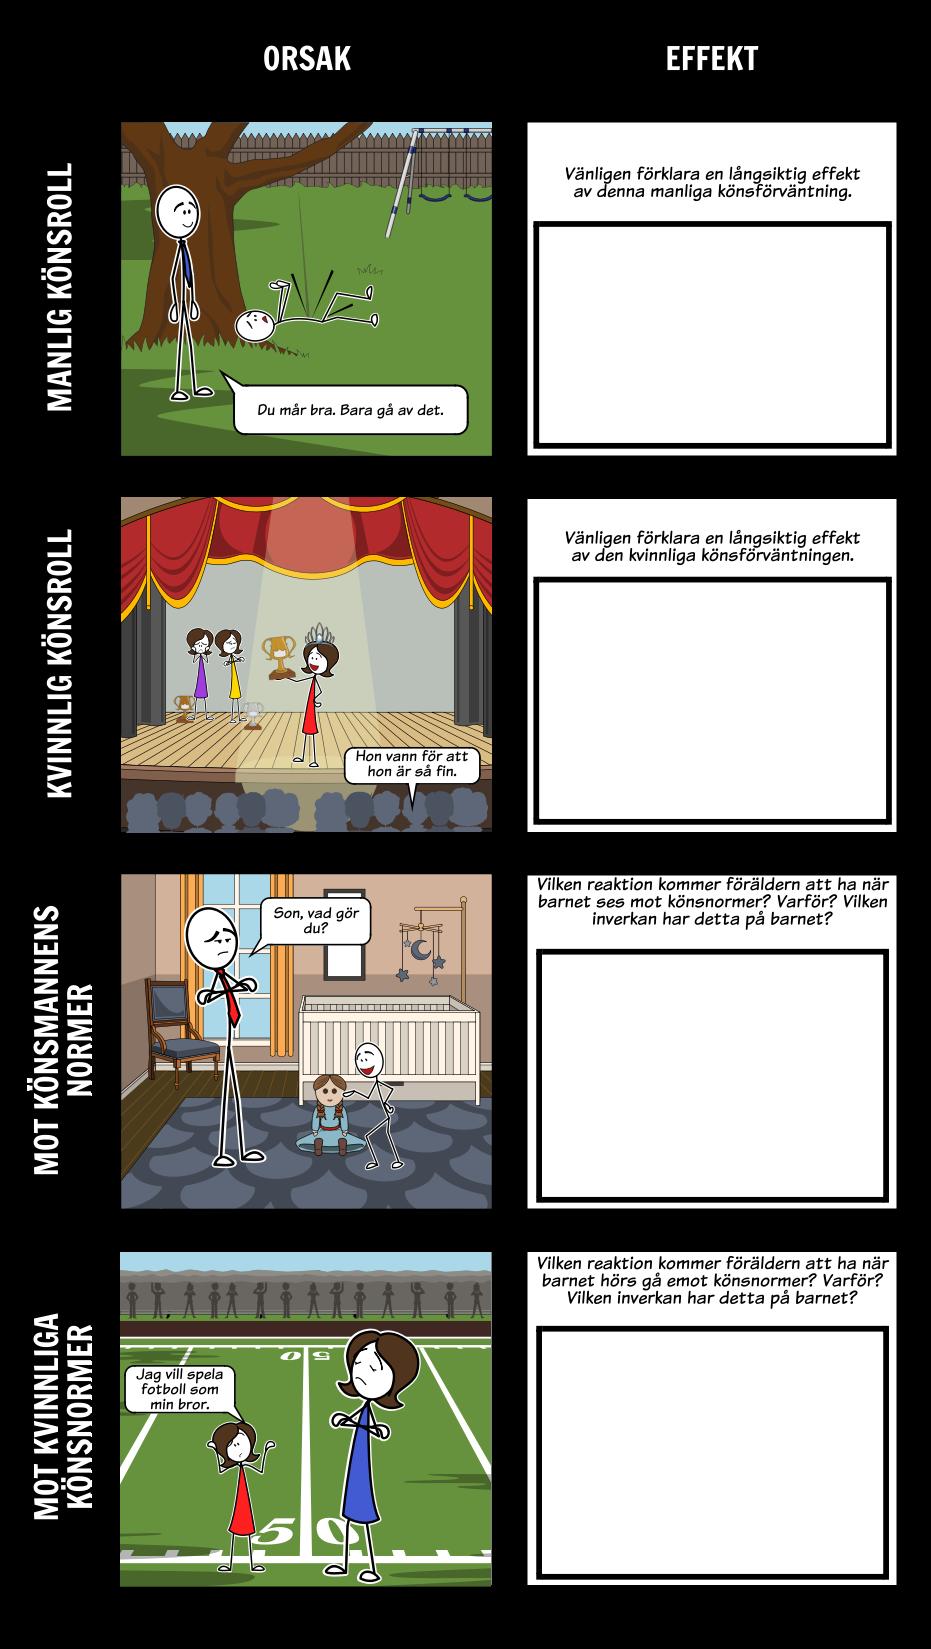 lesbisk undervisning kön